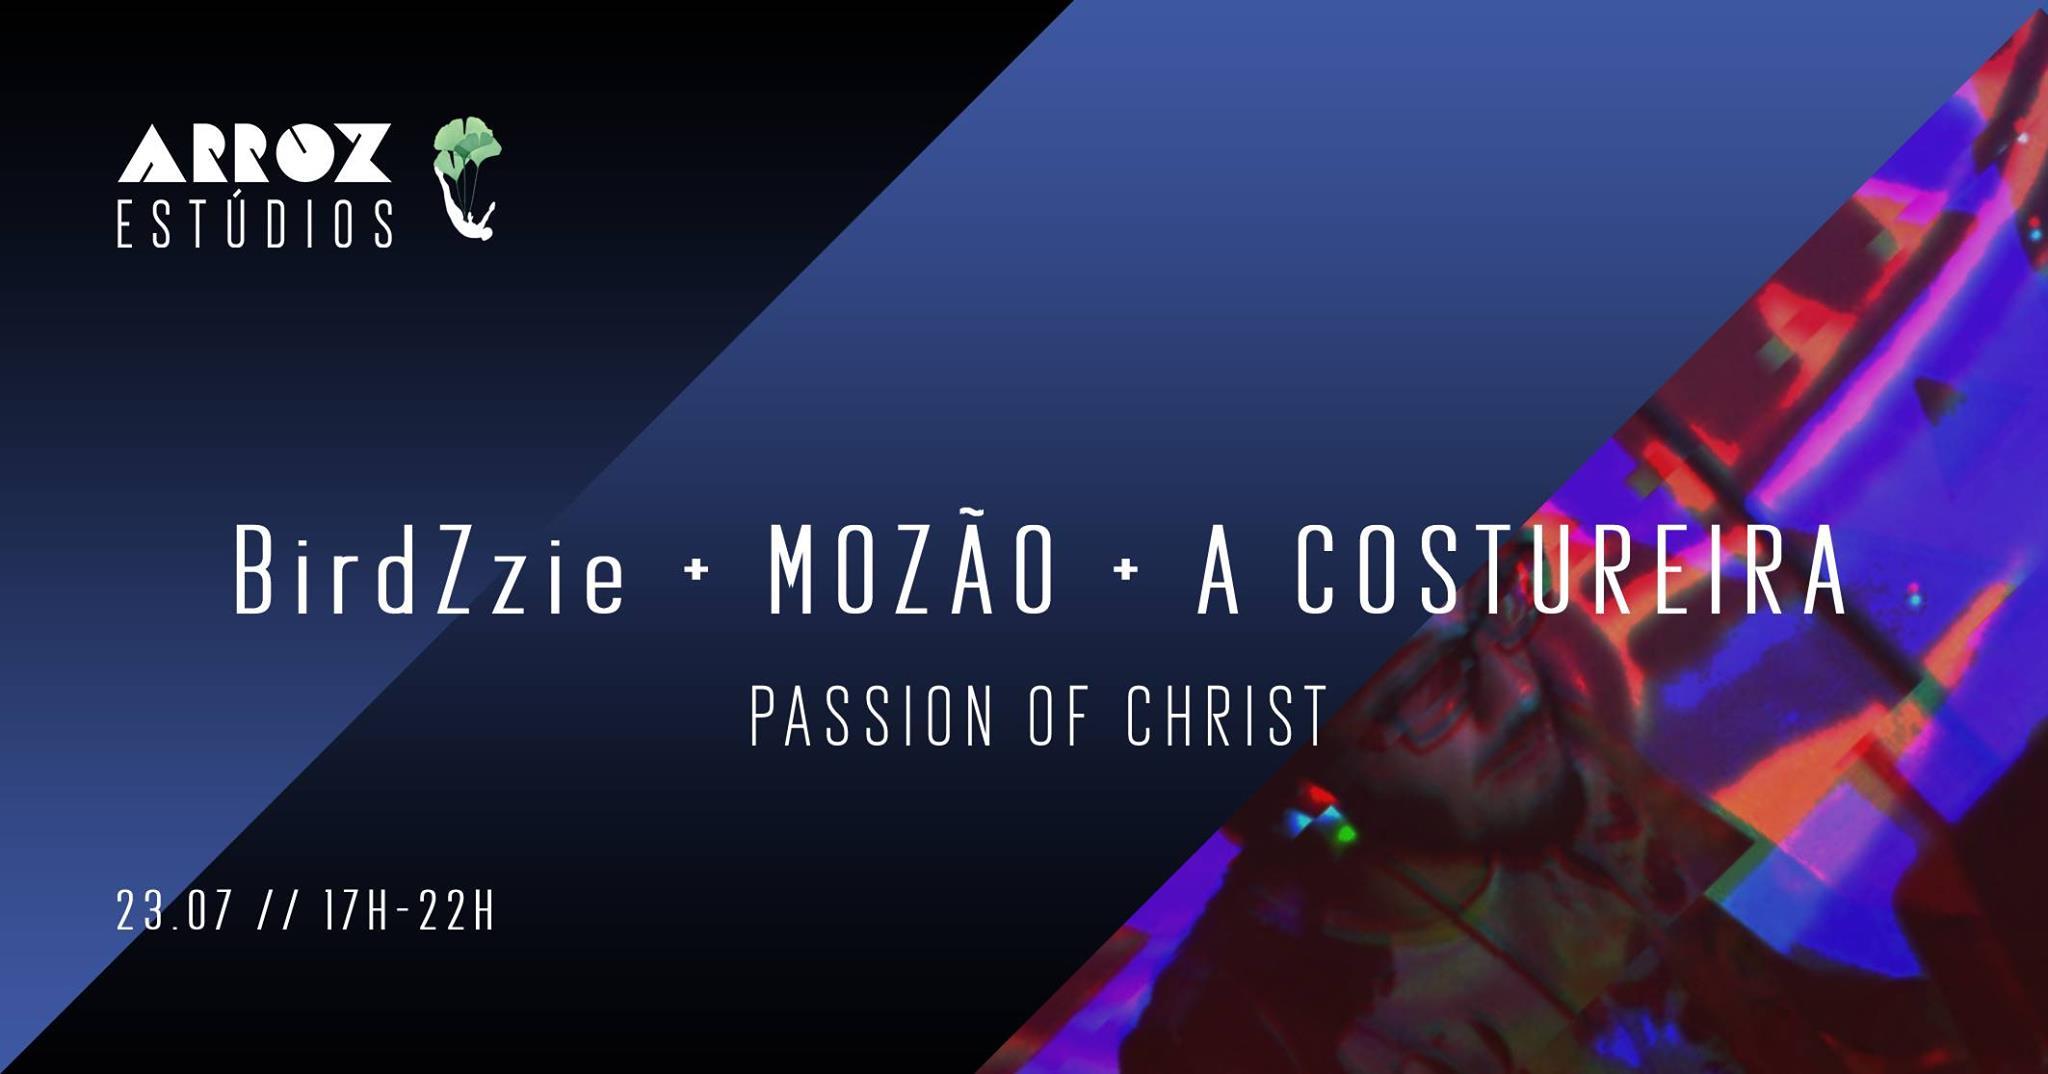 BirdZzie + Mozão + A Costureira - Passion of Christ